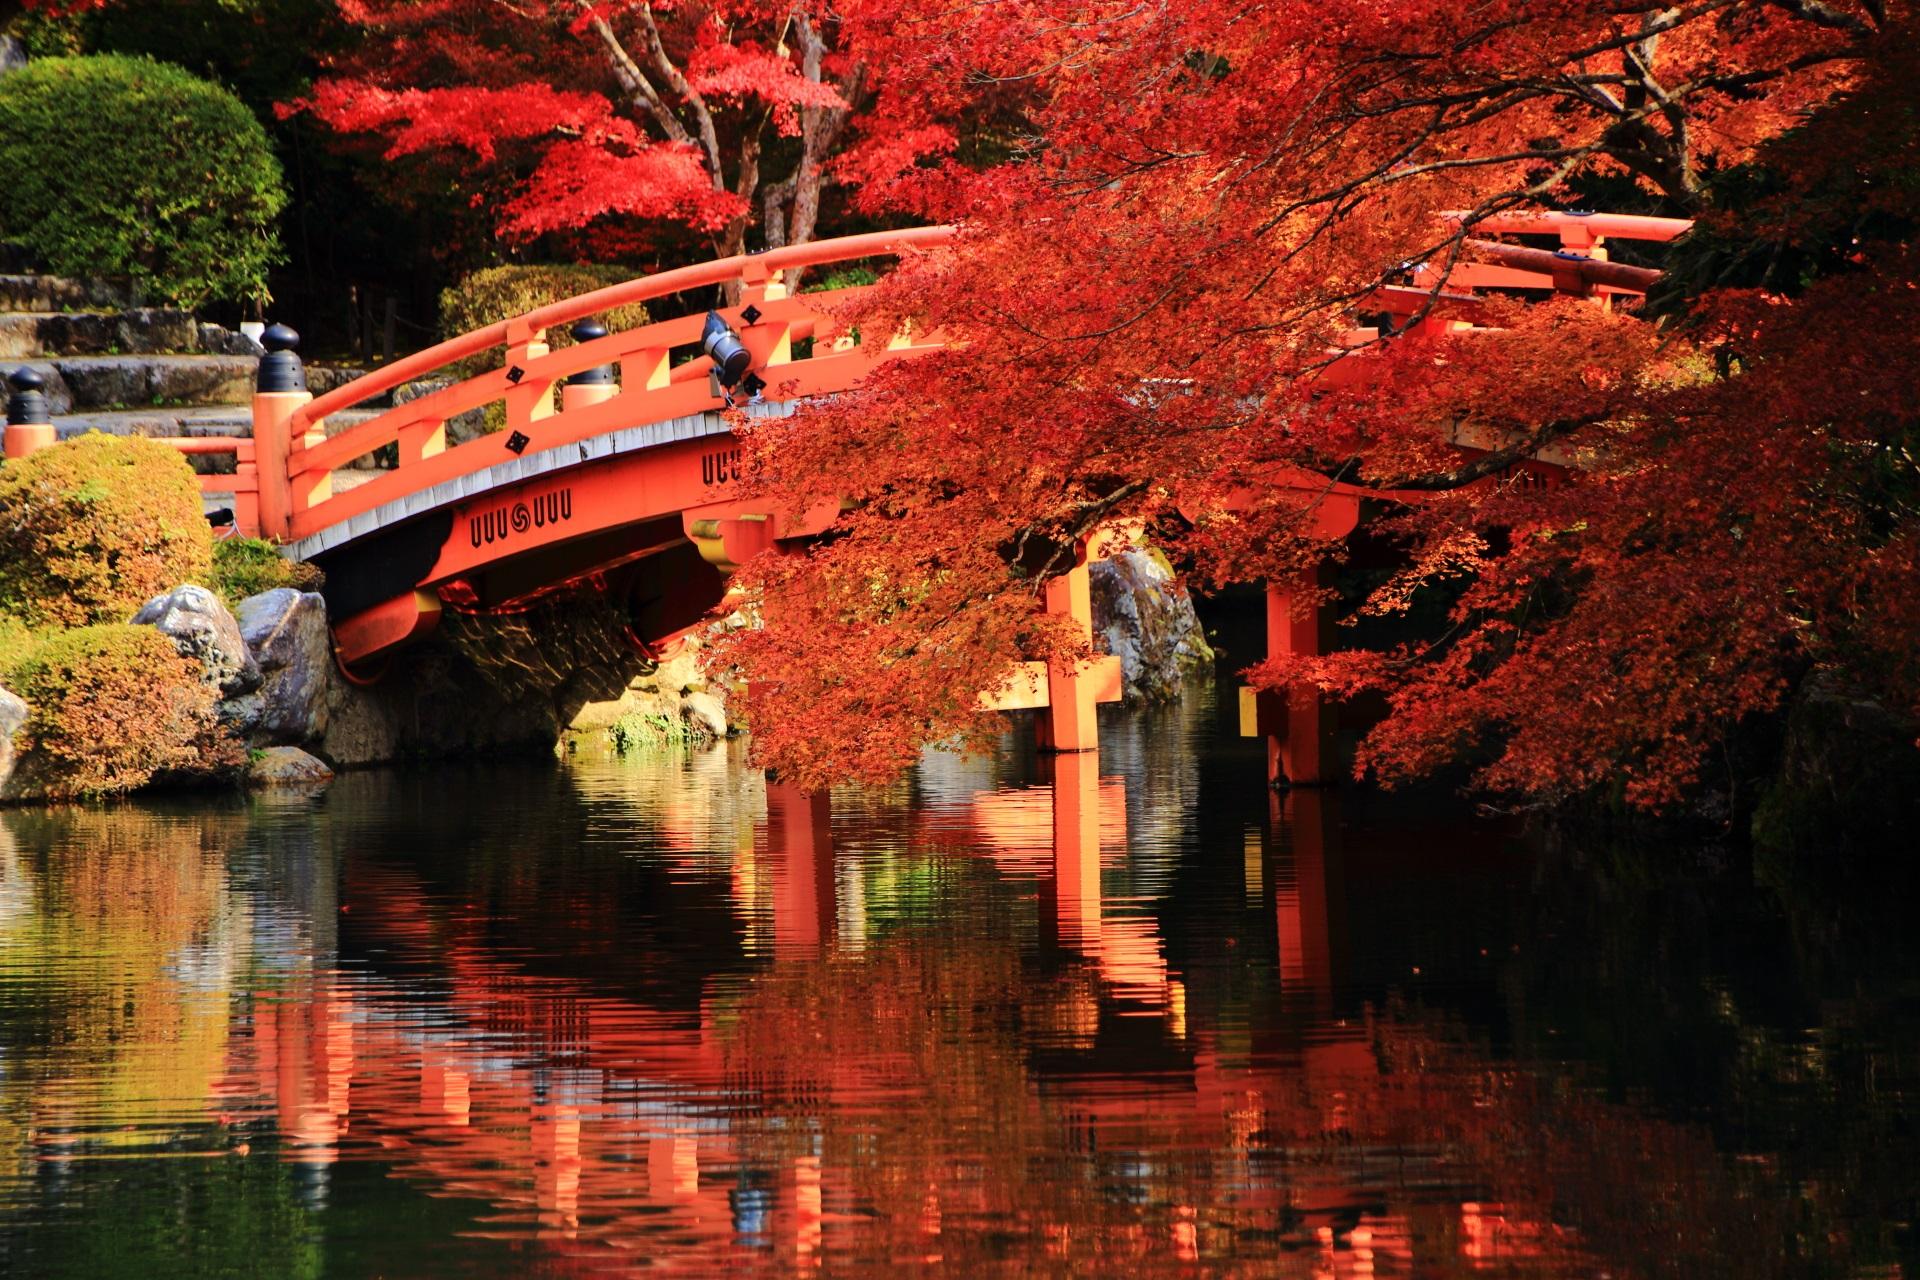 水面を彩る赤い紅葉と朱色の橋